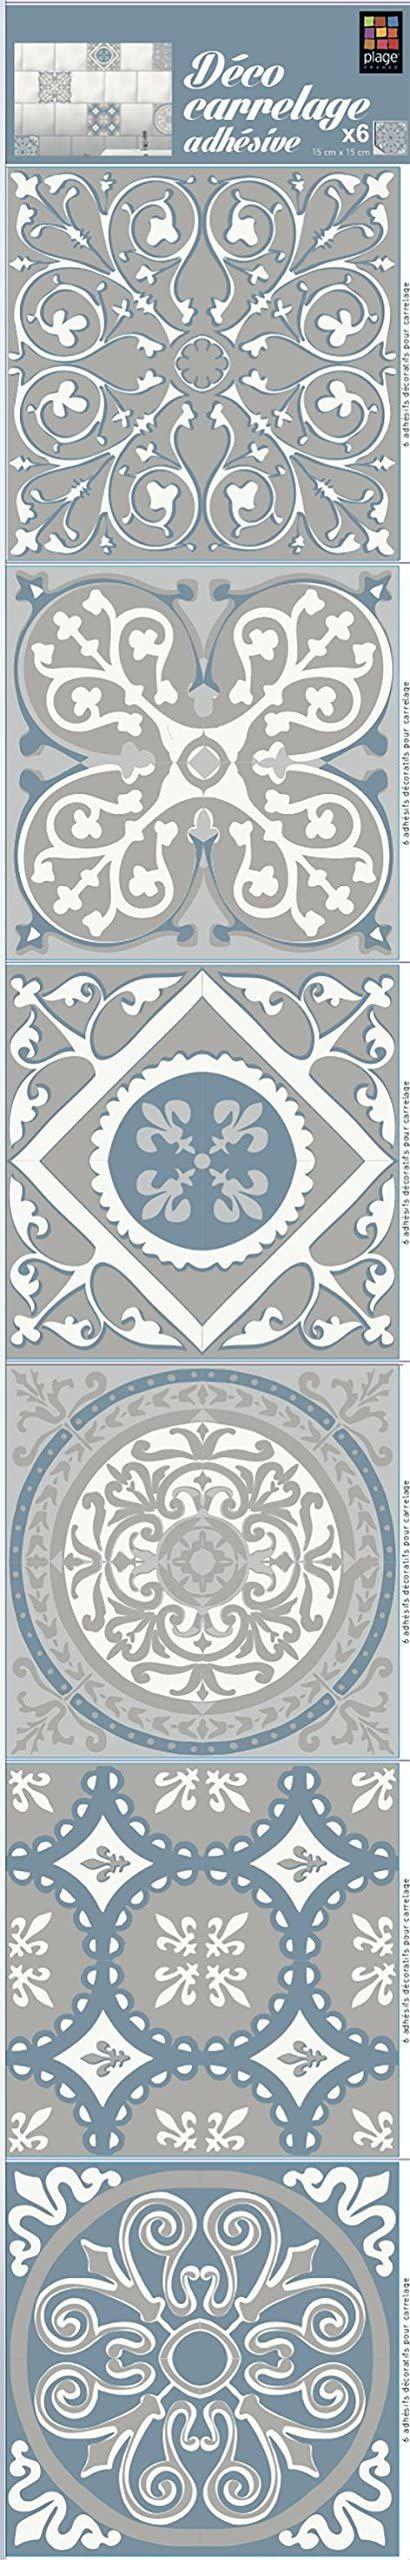 PLAGE Smooth - Tiles naklejki na płytki cementowe szare 2-AZULEJOS[6 arkuszy 15 x 15 cm], winyl, szary, 15 x 0,1 x 15 cm